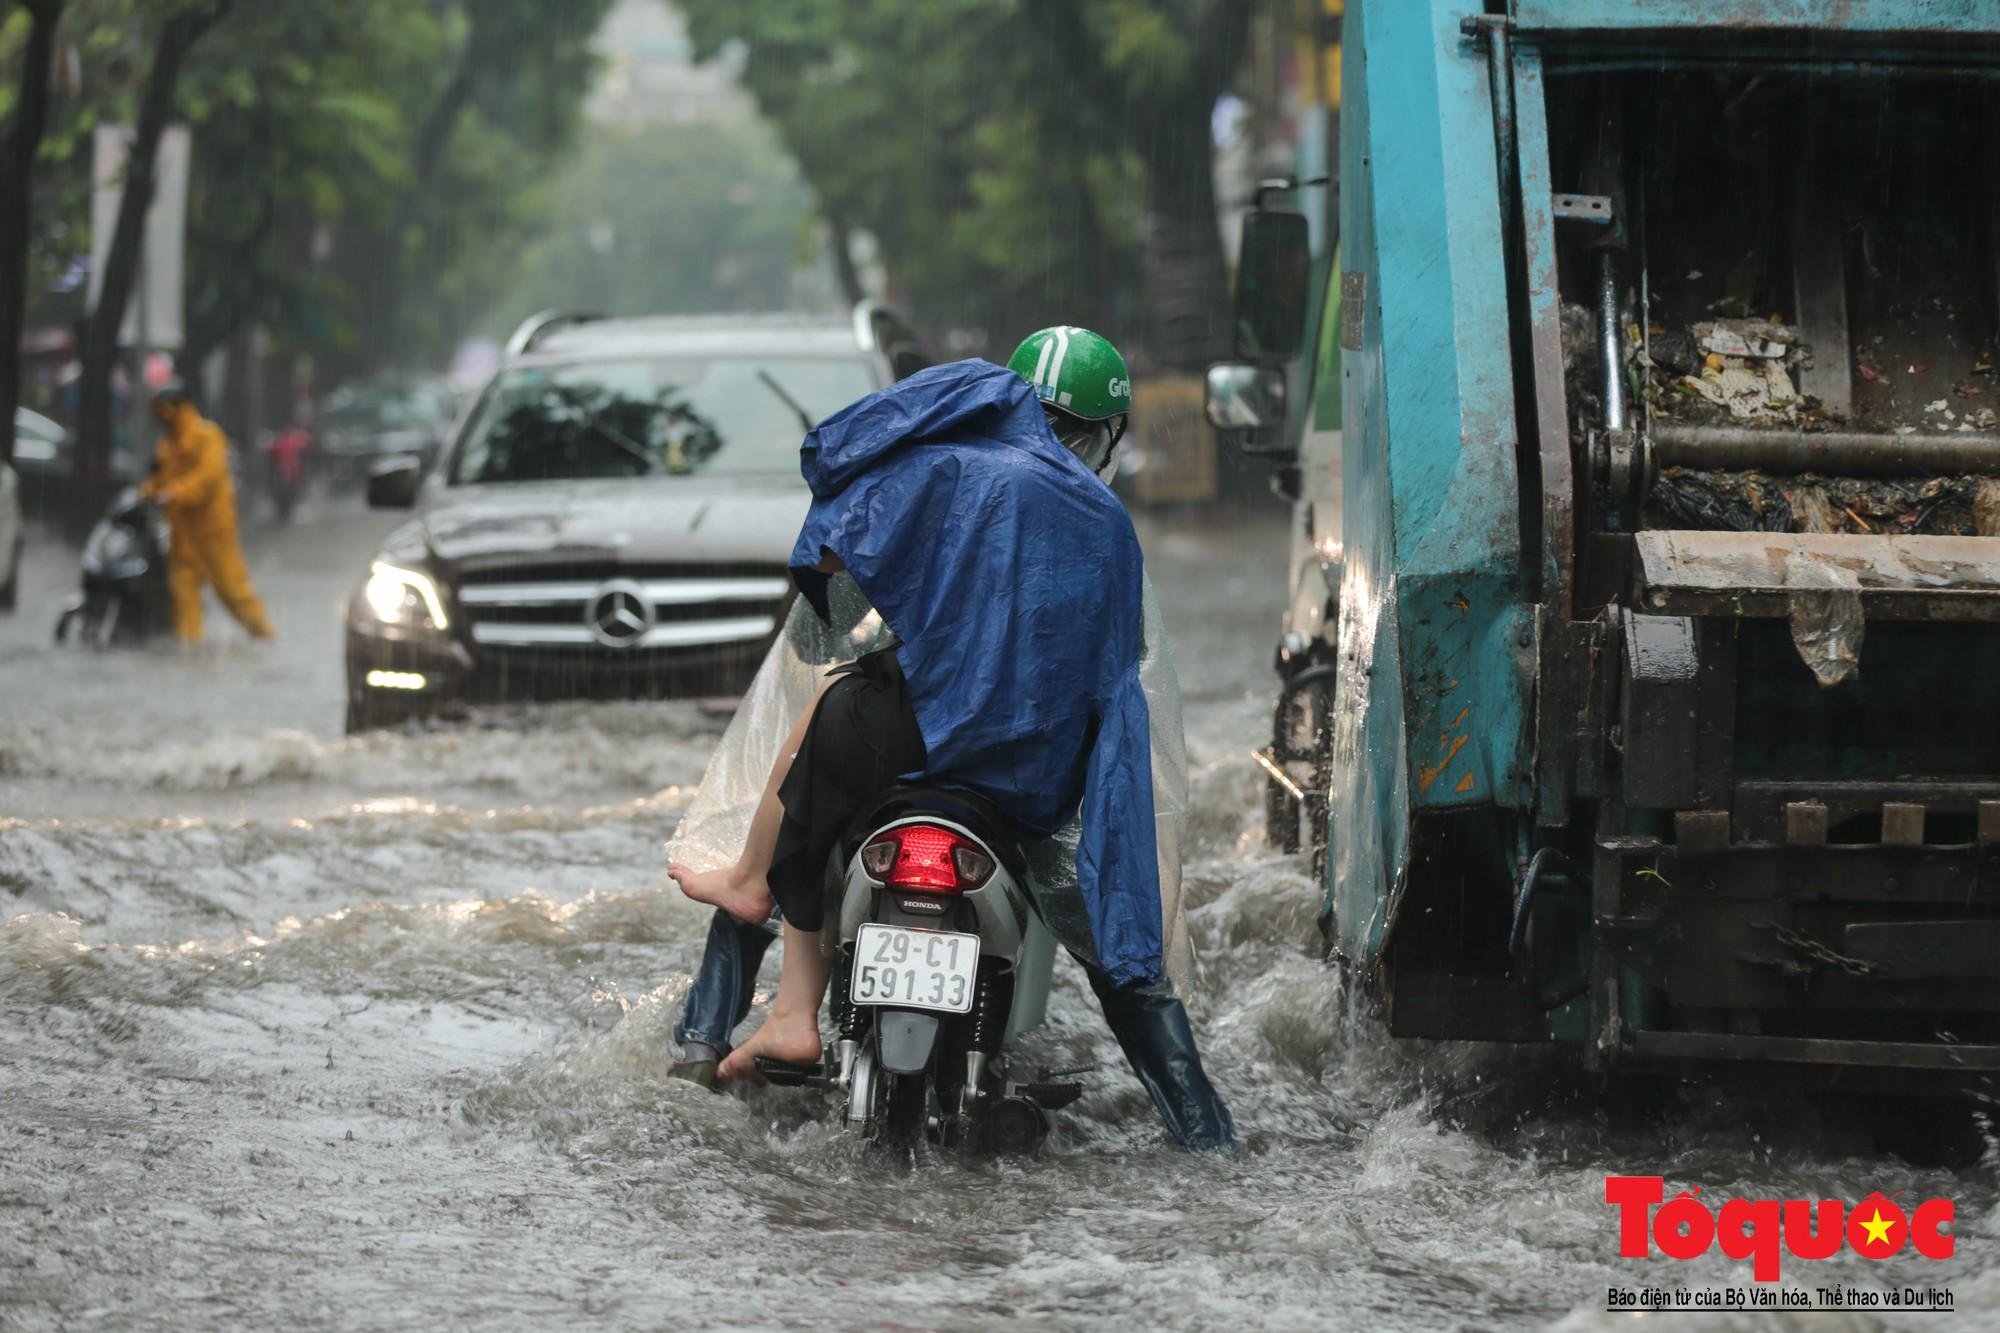 Hà Nội mưa lớn, xế hộp tập bơi qua tuyến phố ngâp nước (1)